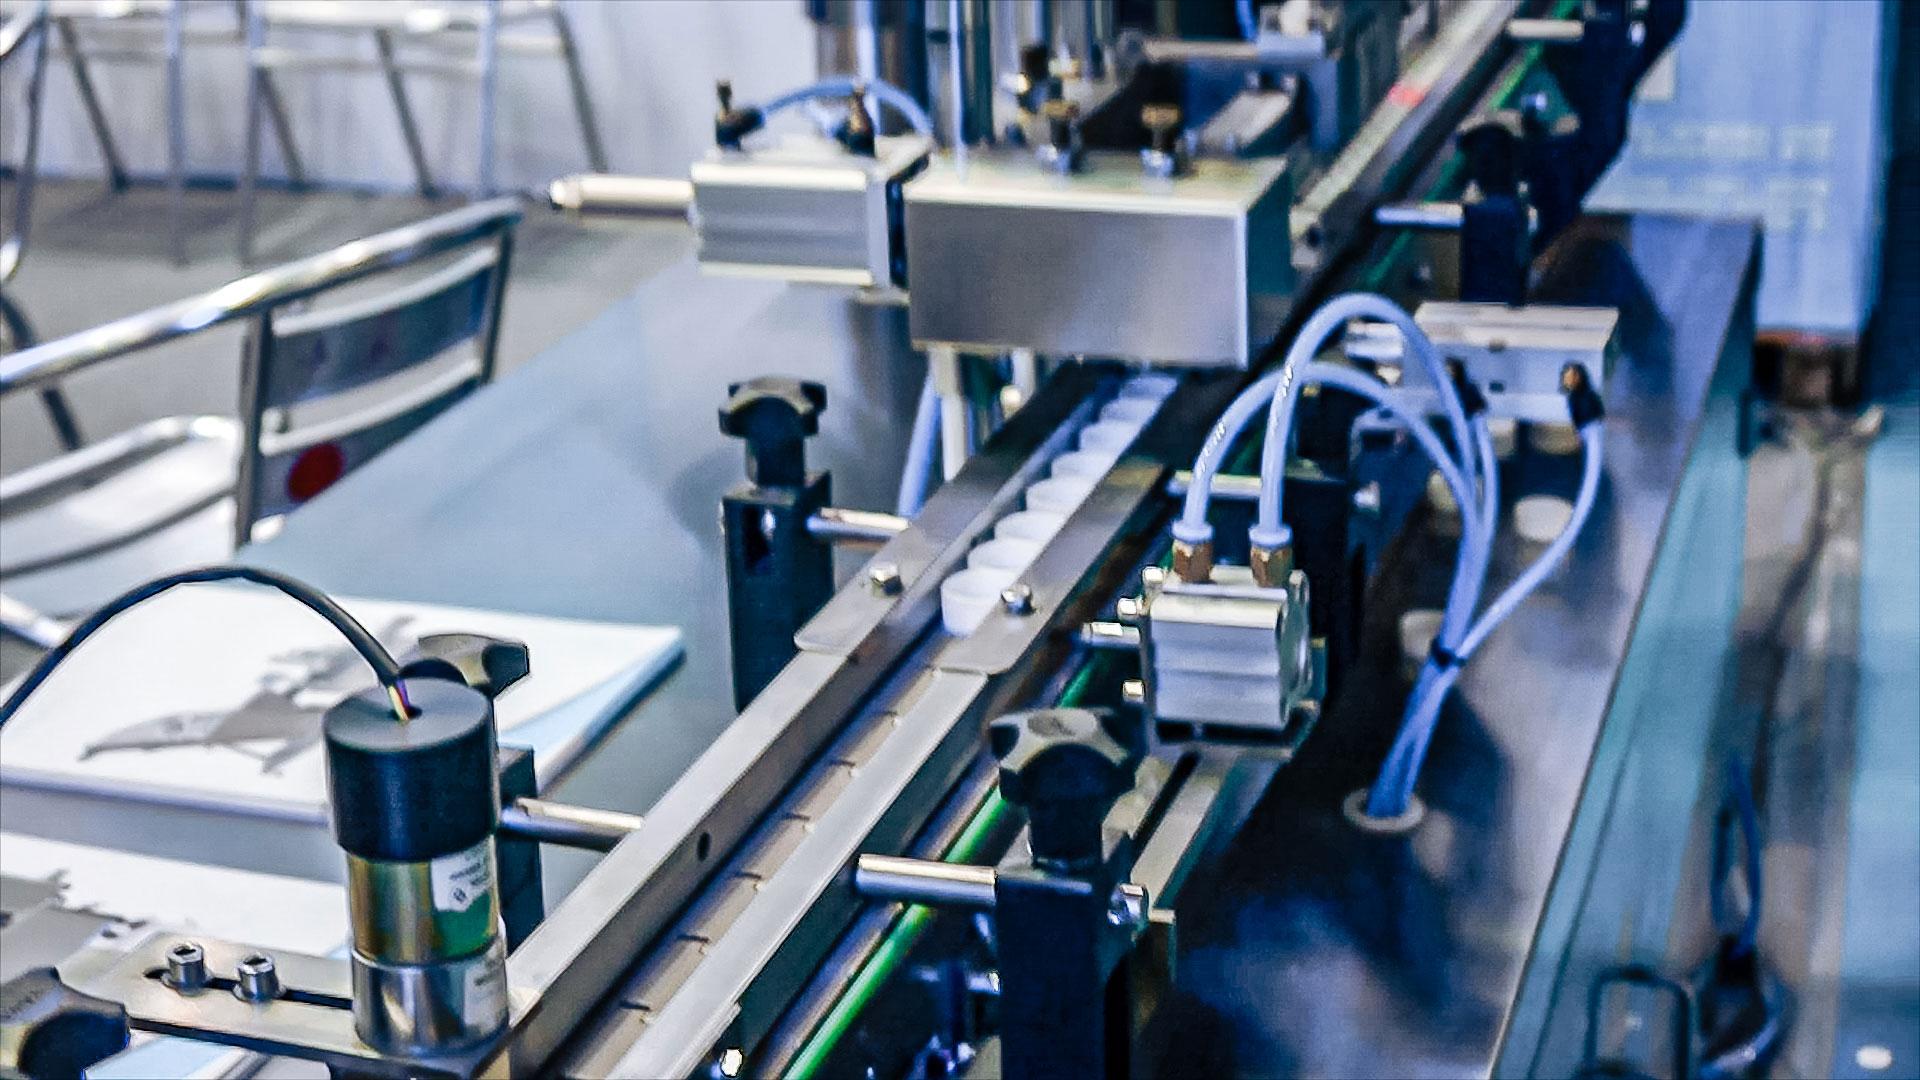 Automatic equipment for installing aluminum membrane in plastic caps